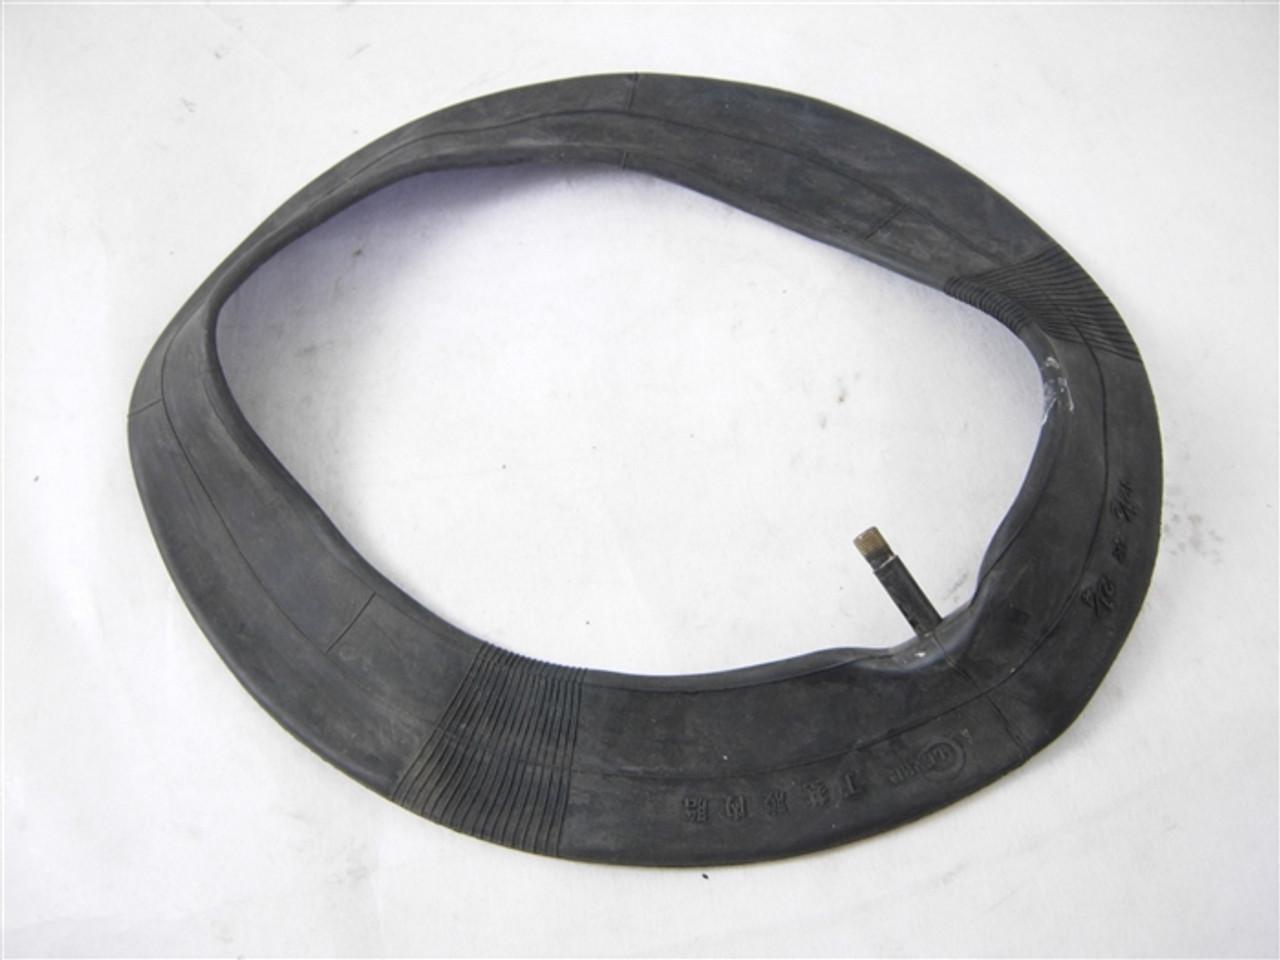 INNER TUBE 13680-A205-8